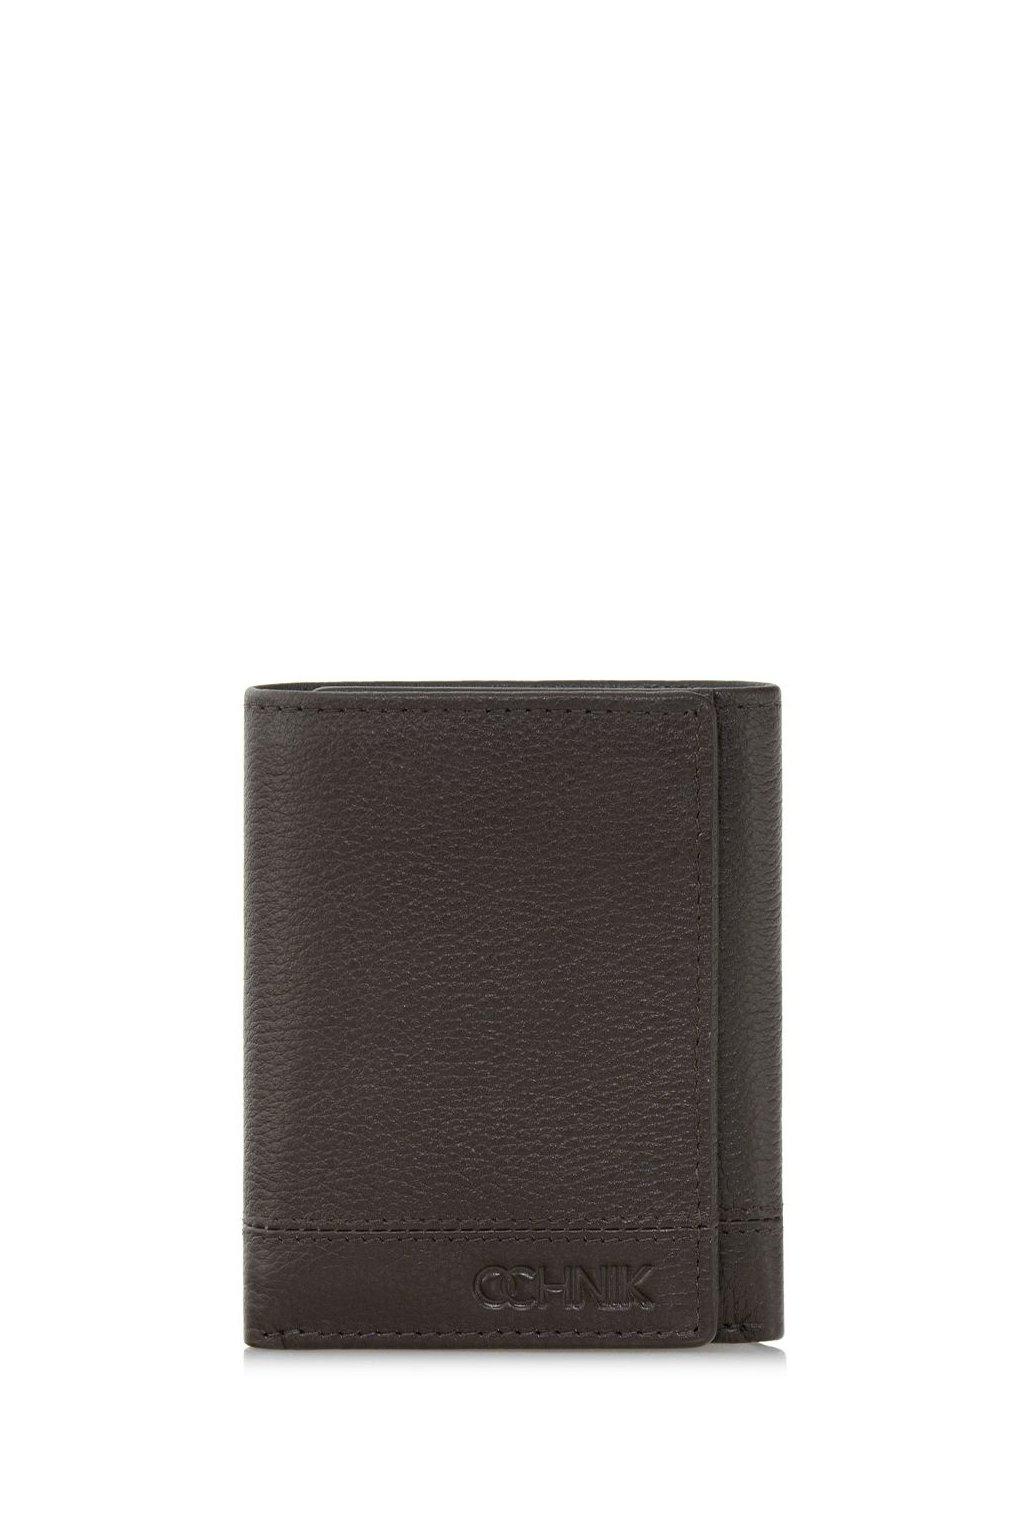 Pánská peněženka 0258